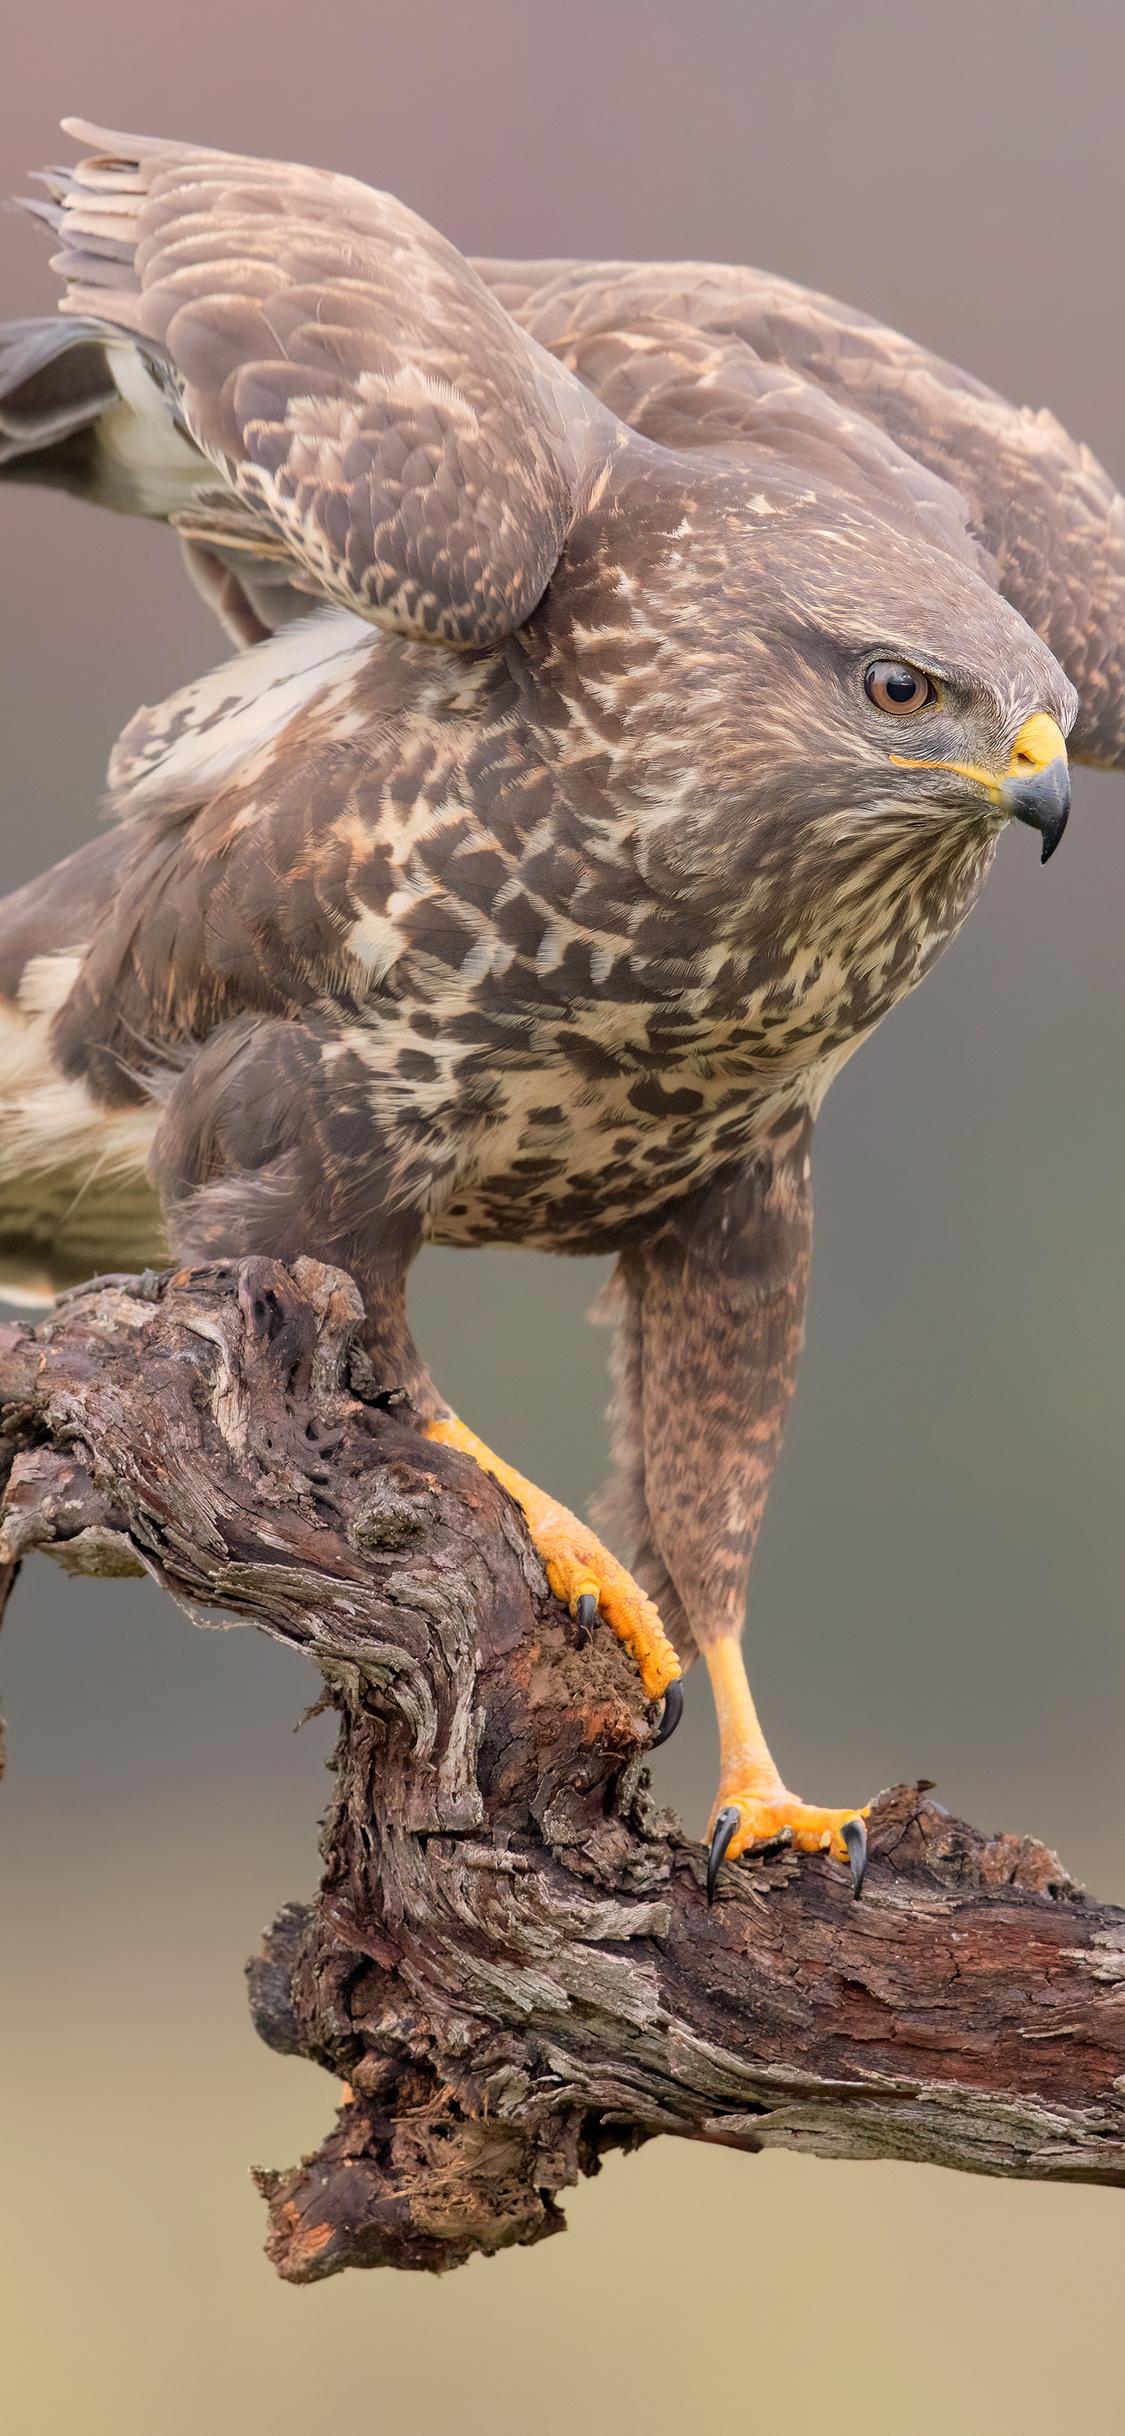 eagle-hawk-5k-wn.jpg